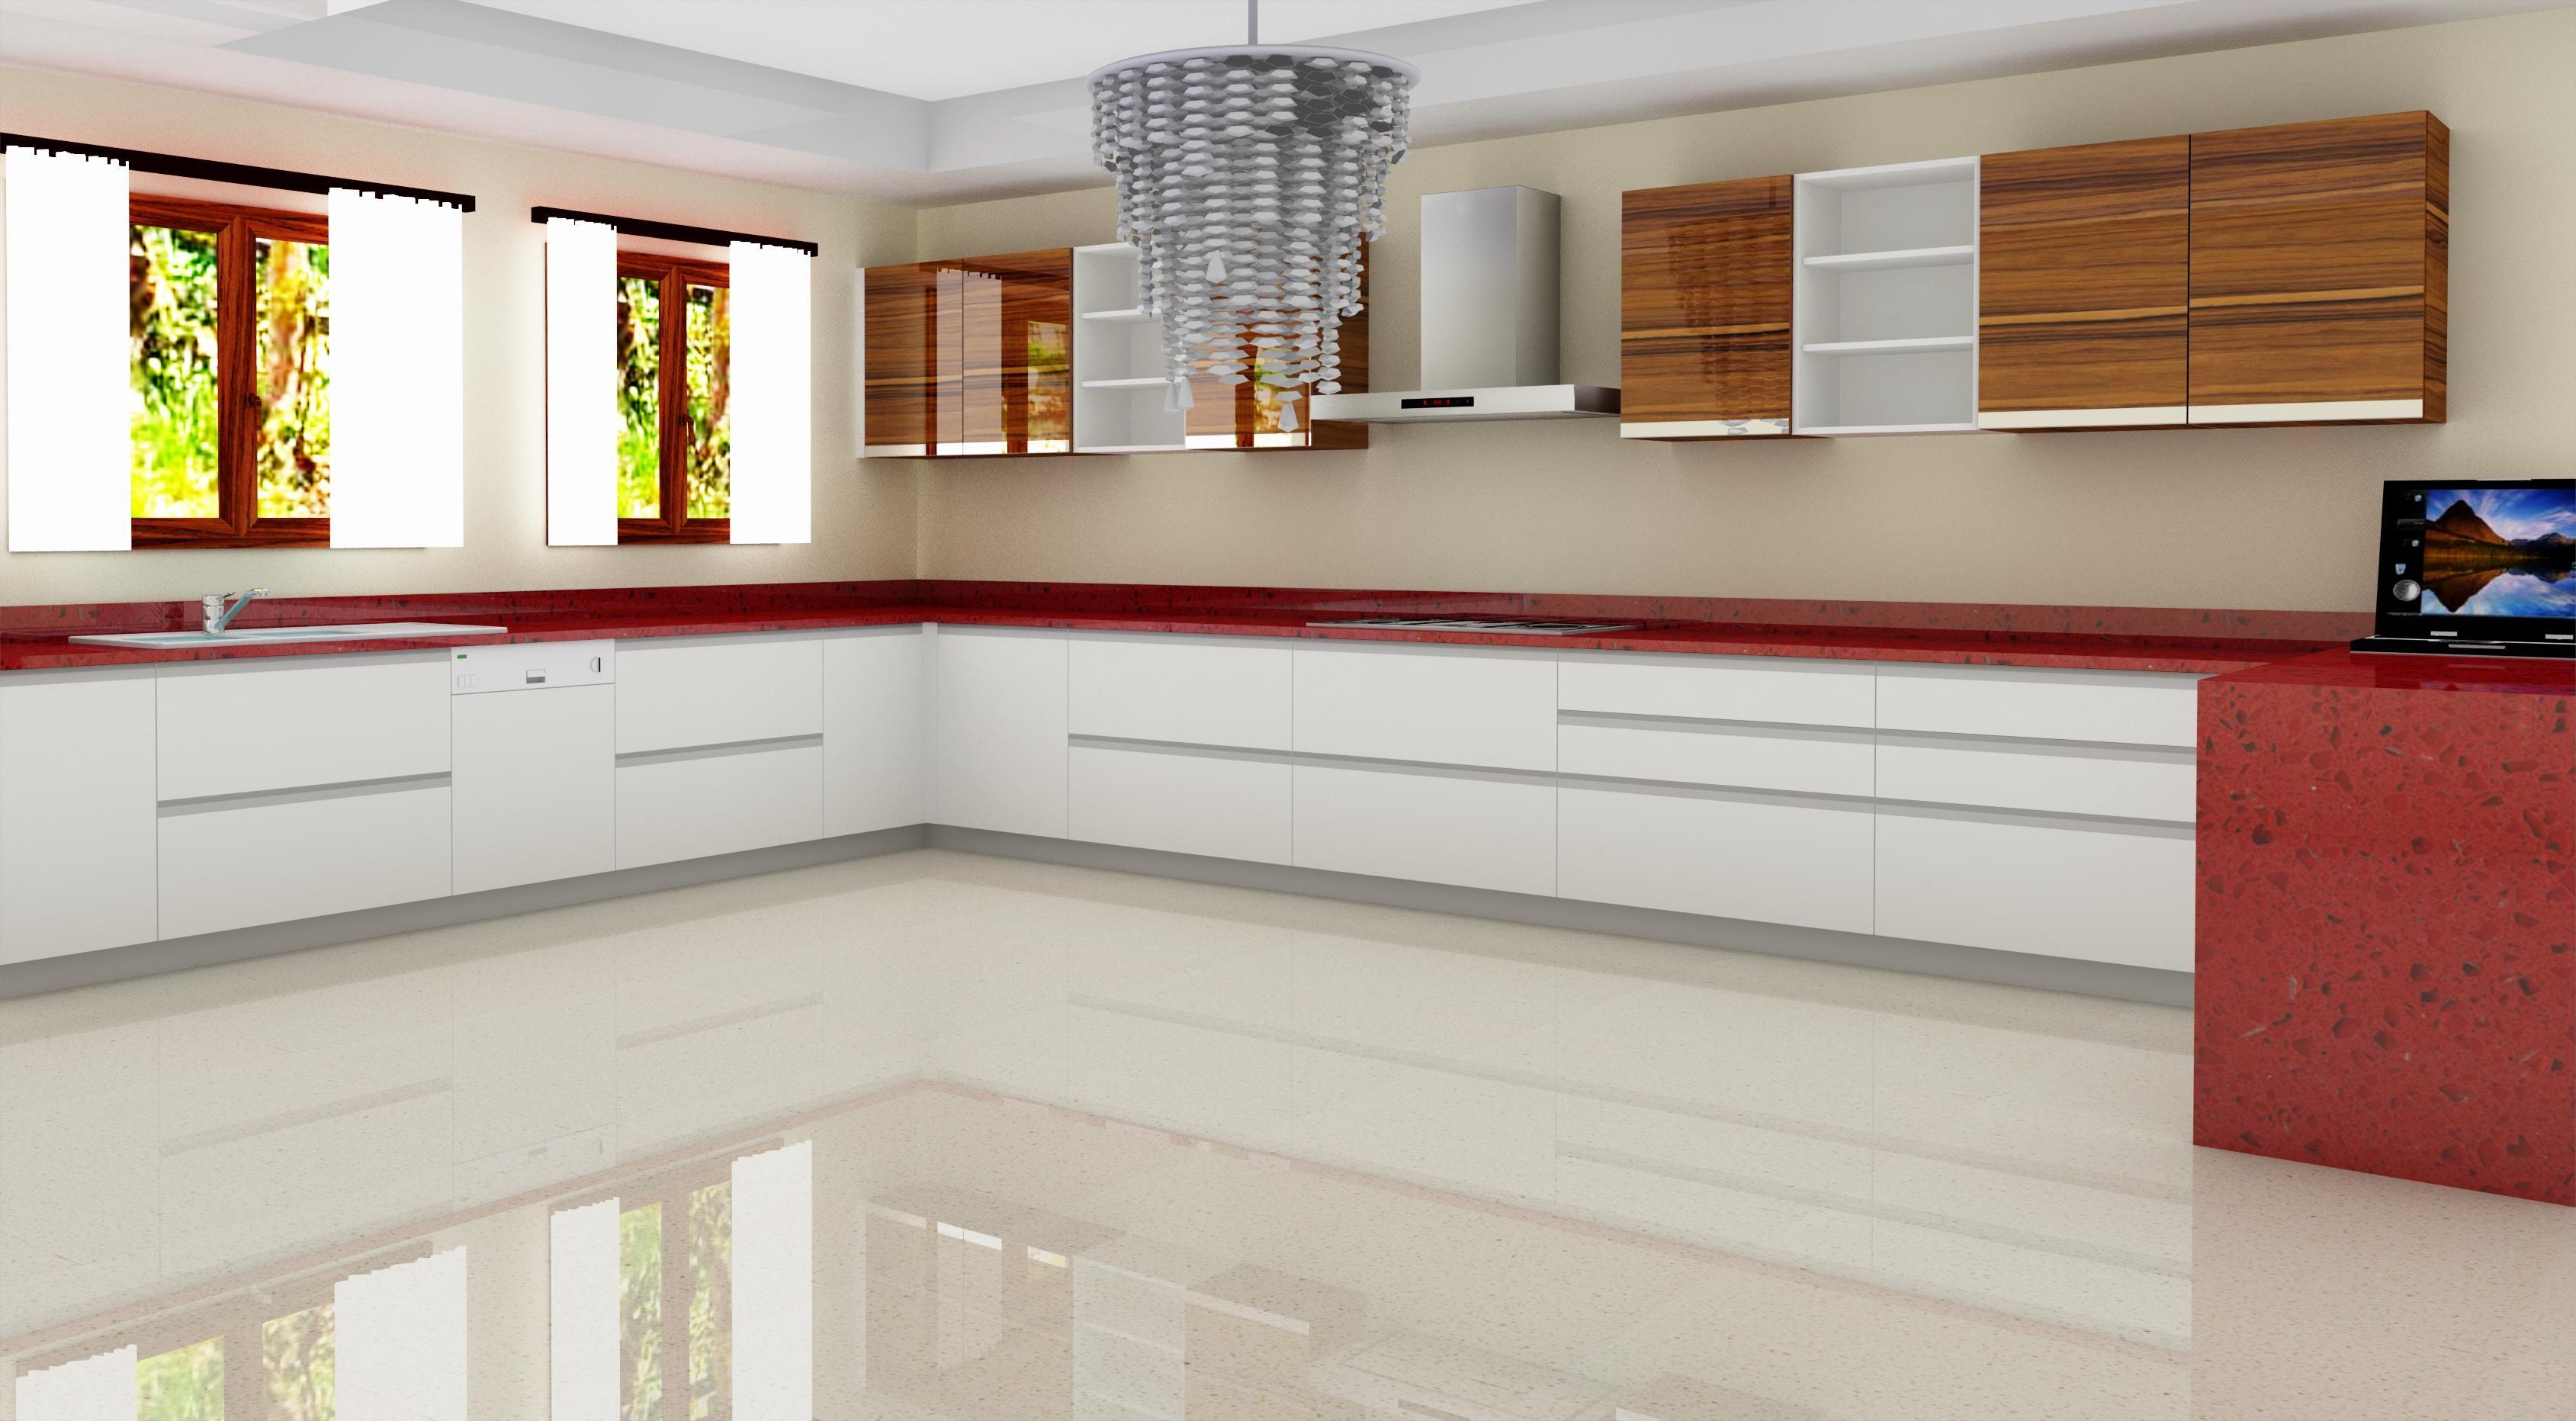 Kitchen Design Ideas By Exen Limited Nairobi Kenya Kitchen